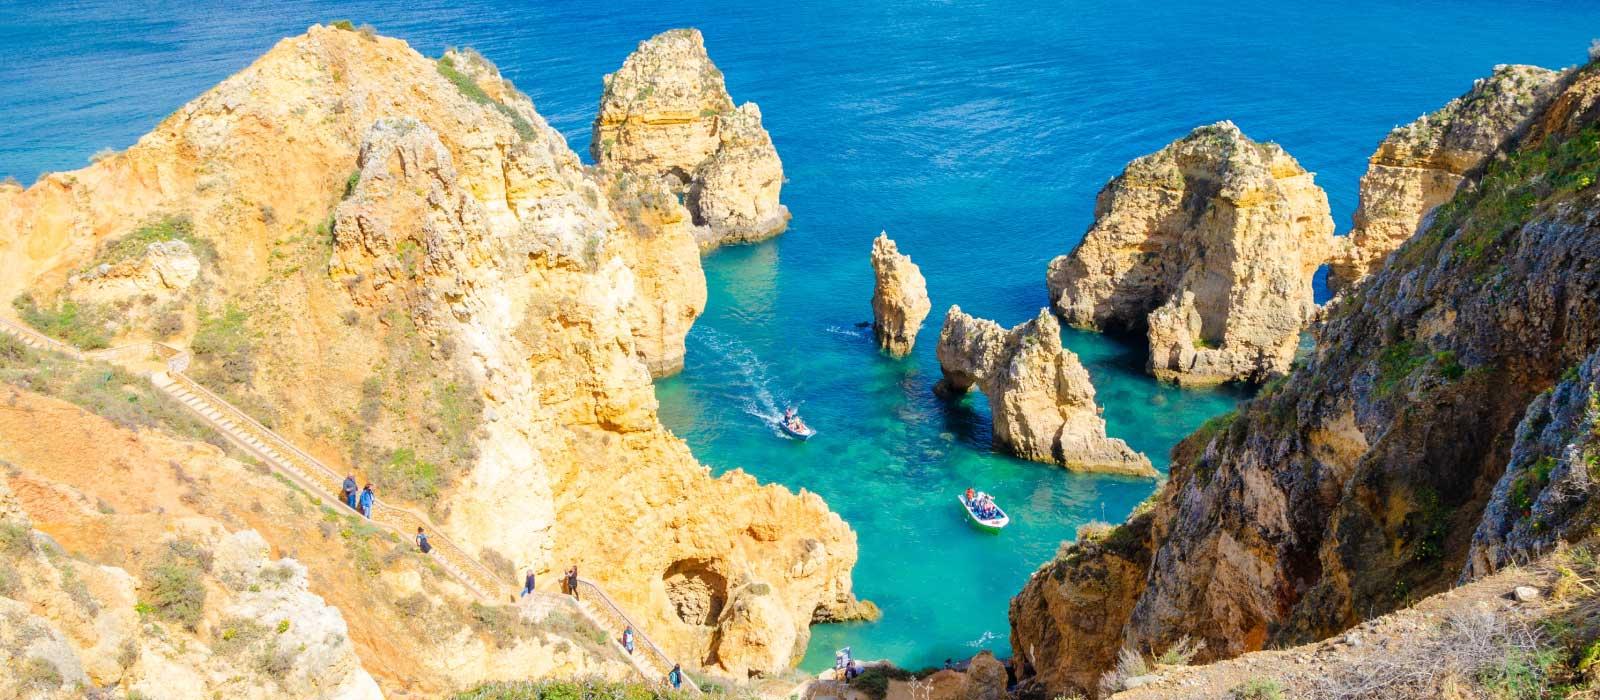 plus-beaux-endroits-algarve-portugal